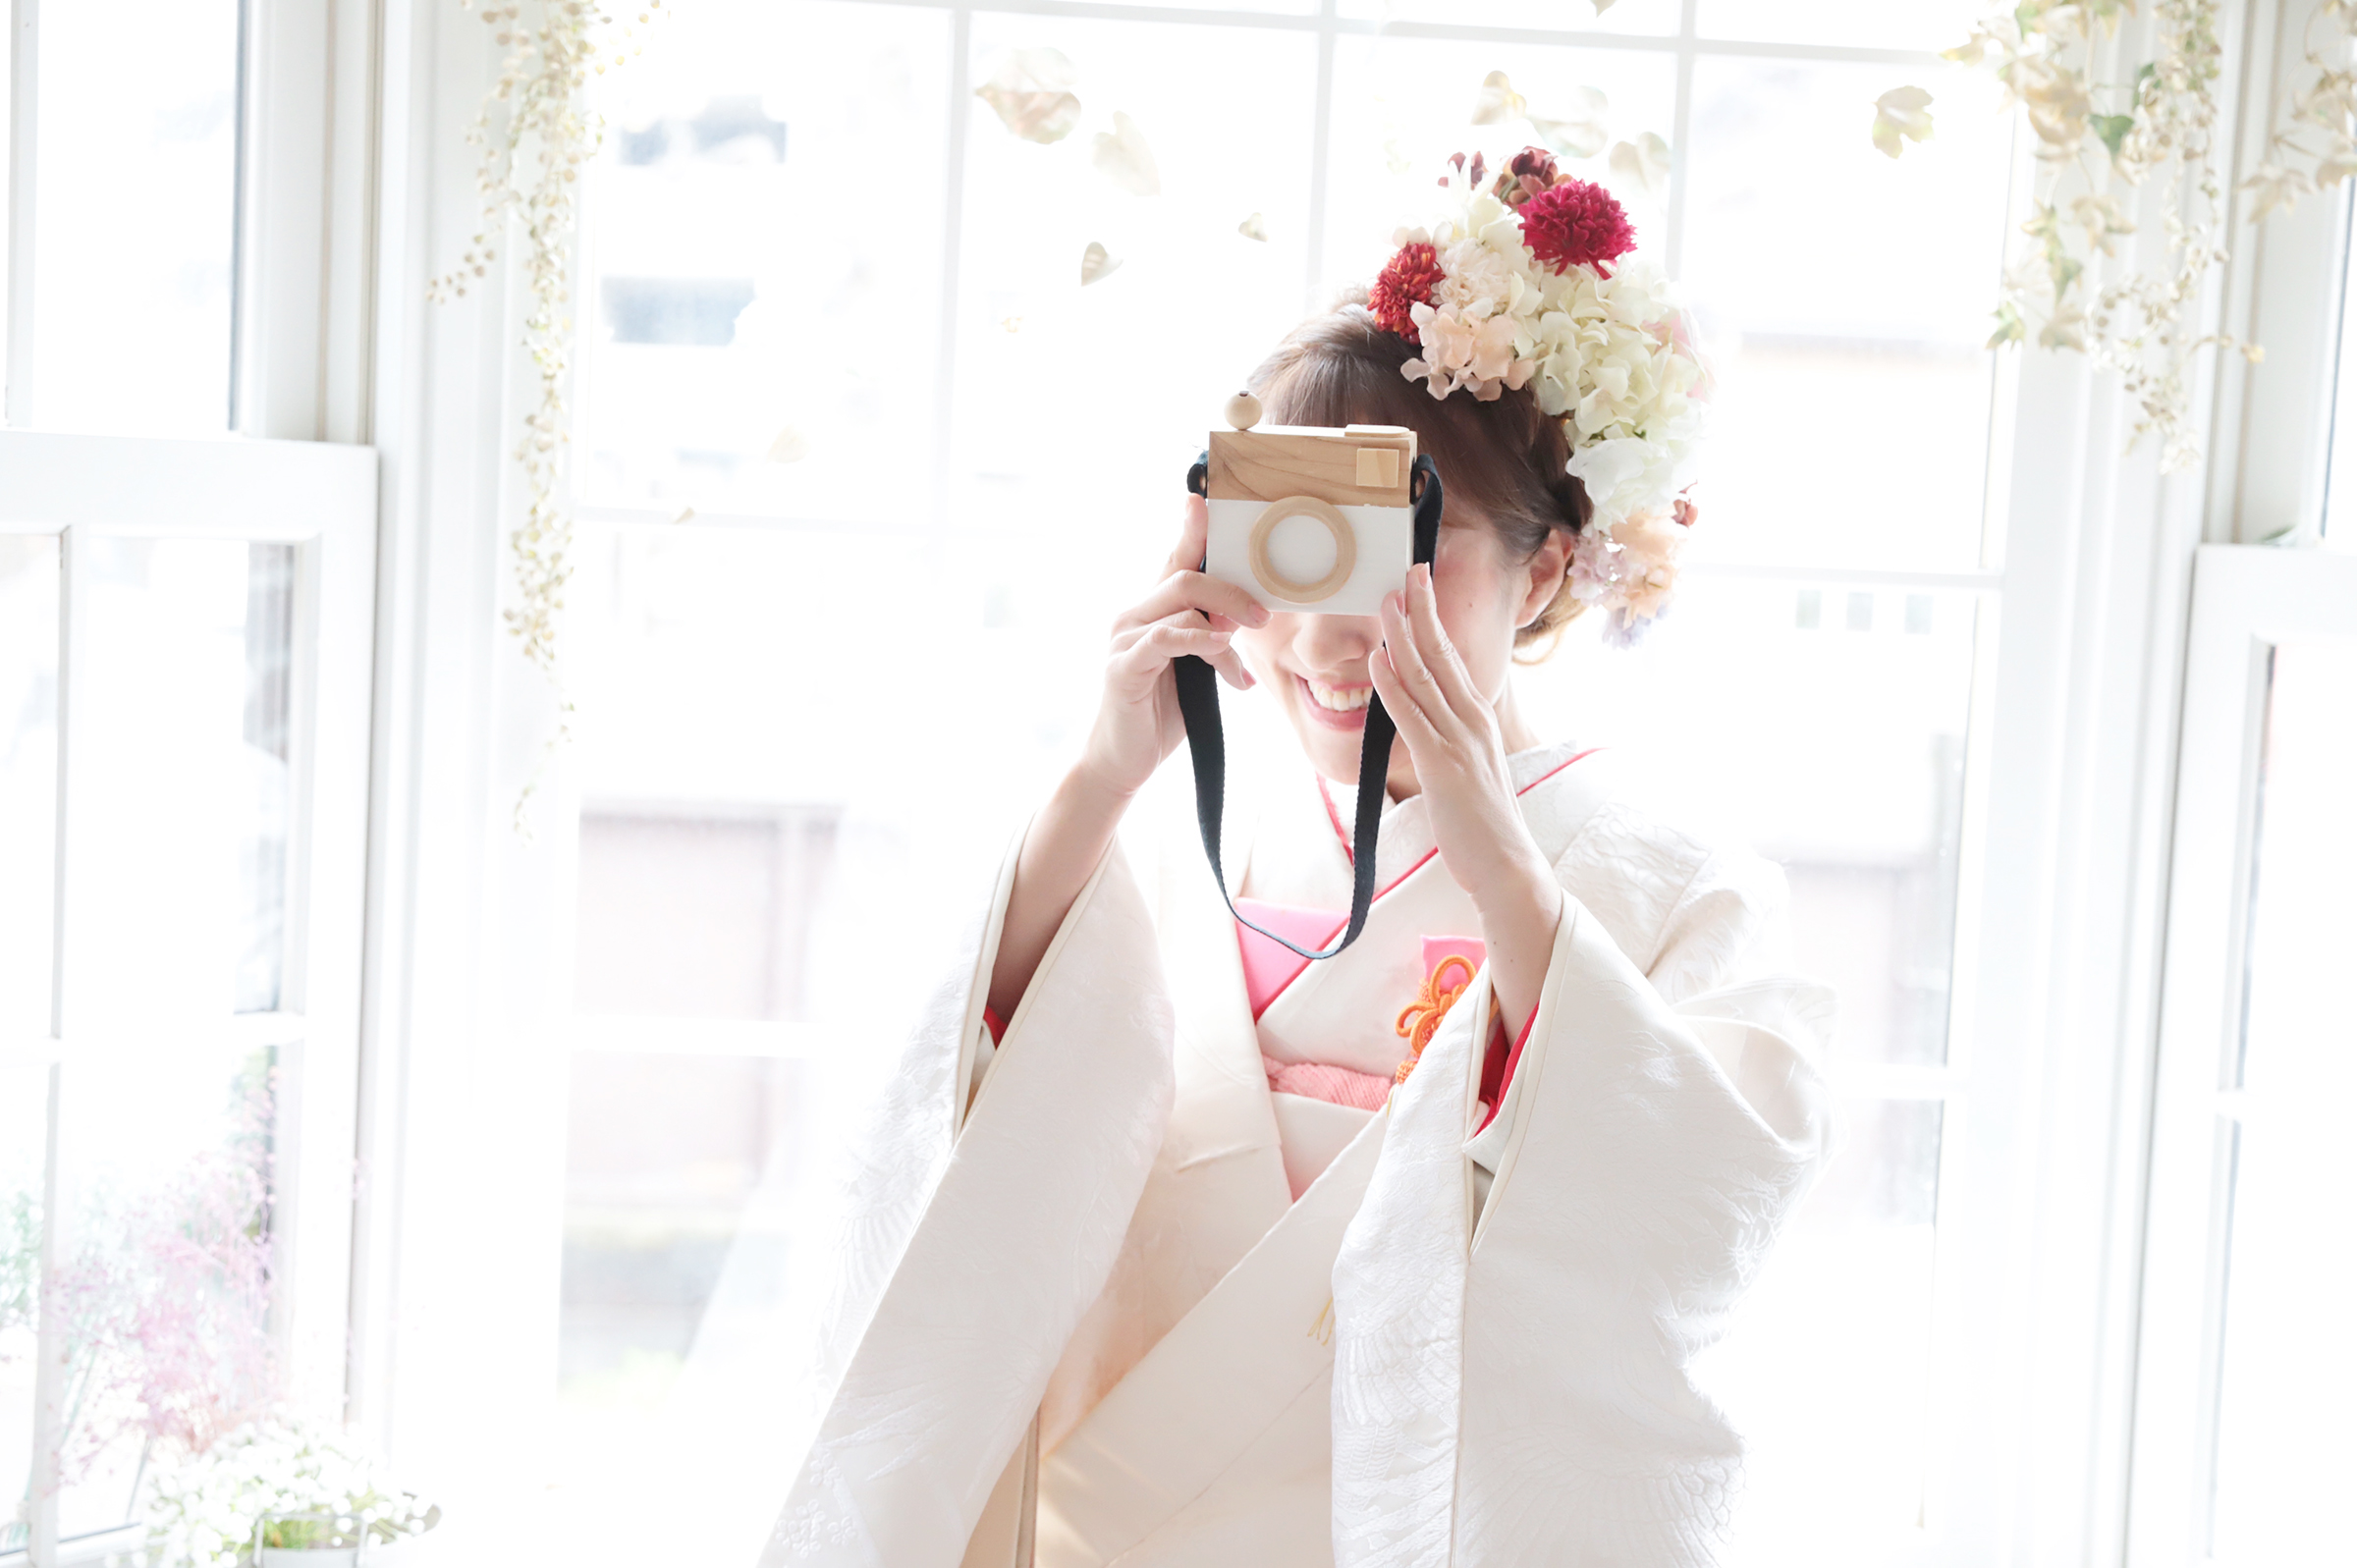 湘南藤沢の和装婚礼撮影